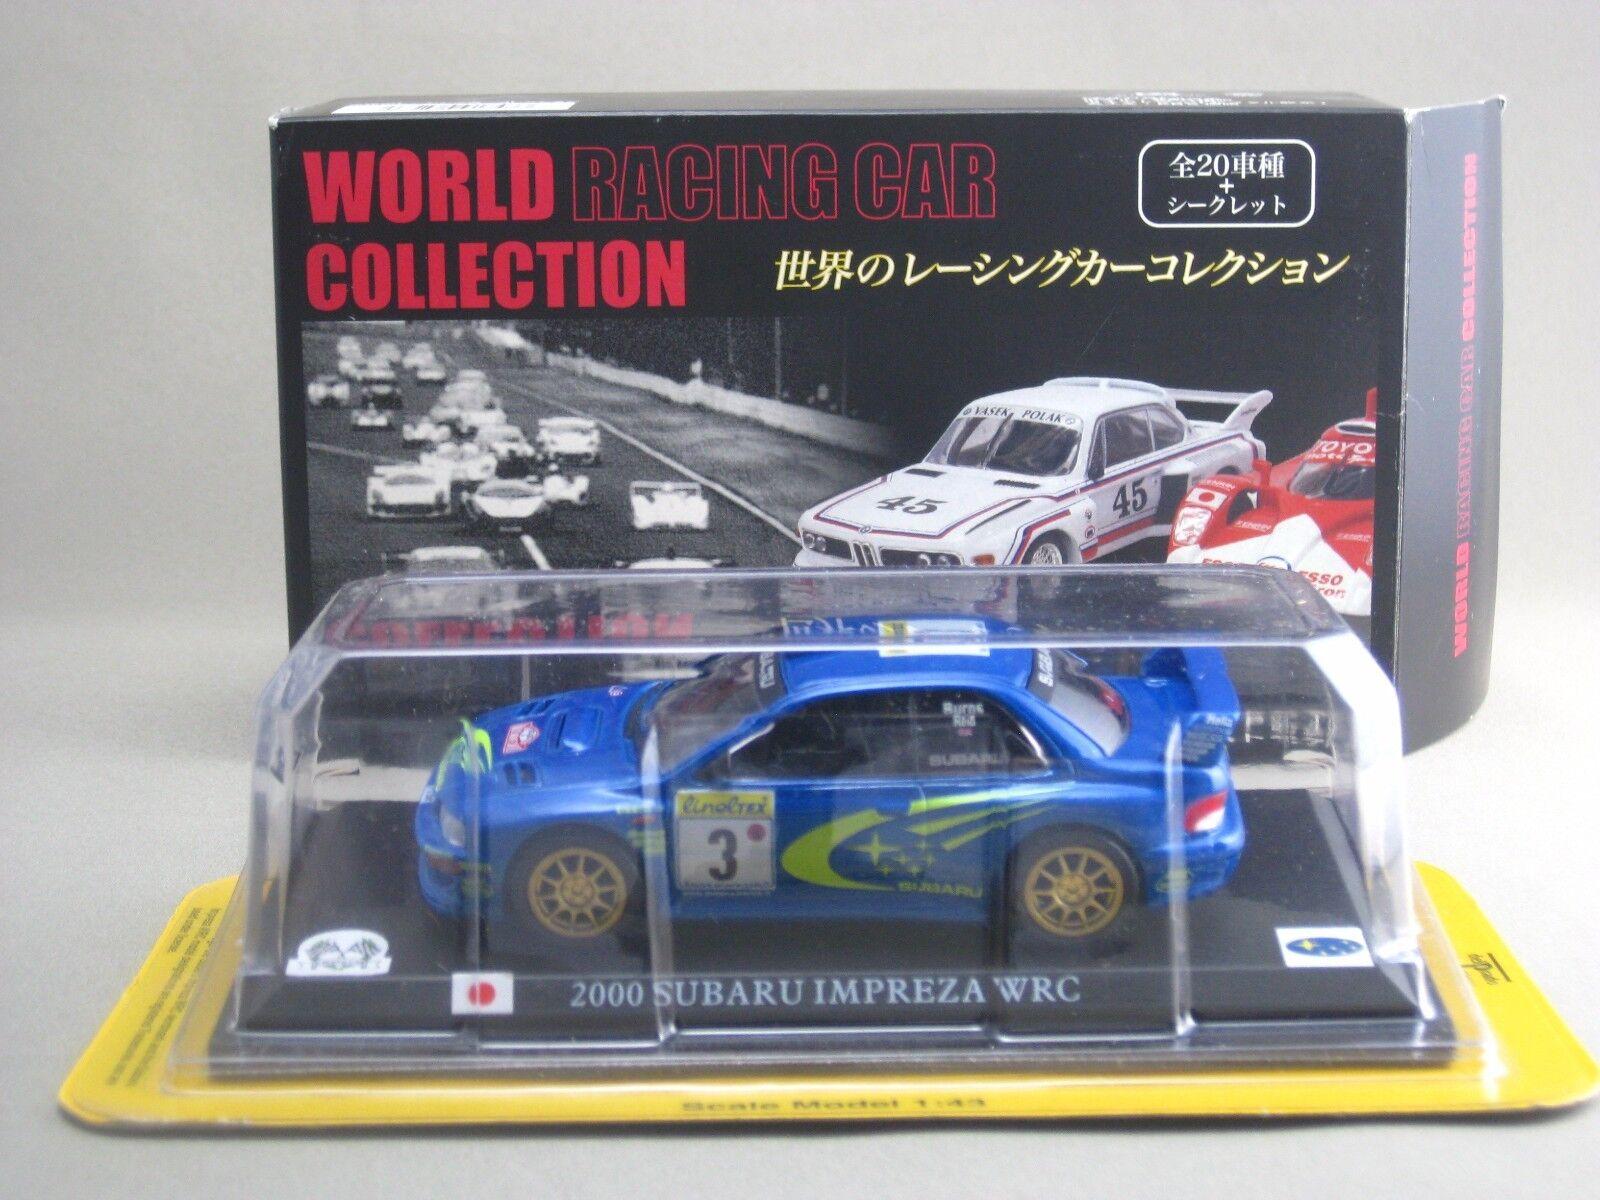 SUBARU IMPREZA WRC 2000 1 43 DIE CAST MODEL WORLD RACING CAR COLLECTION DELPRADO